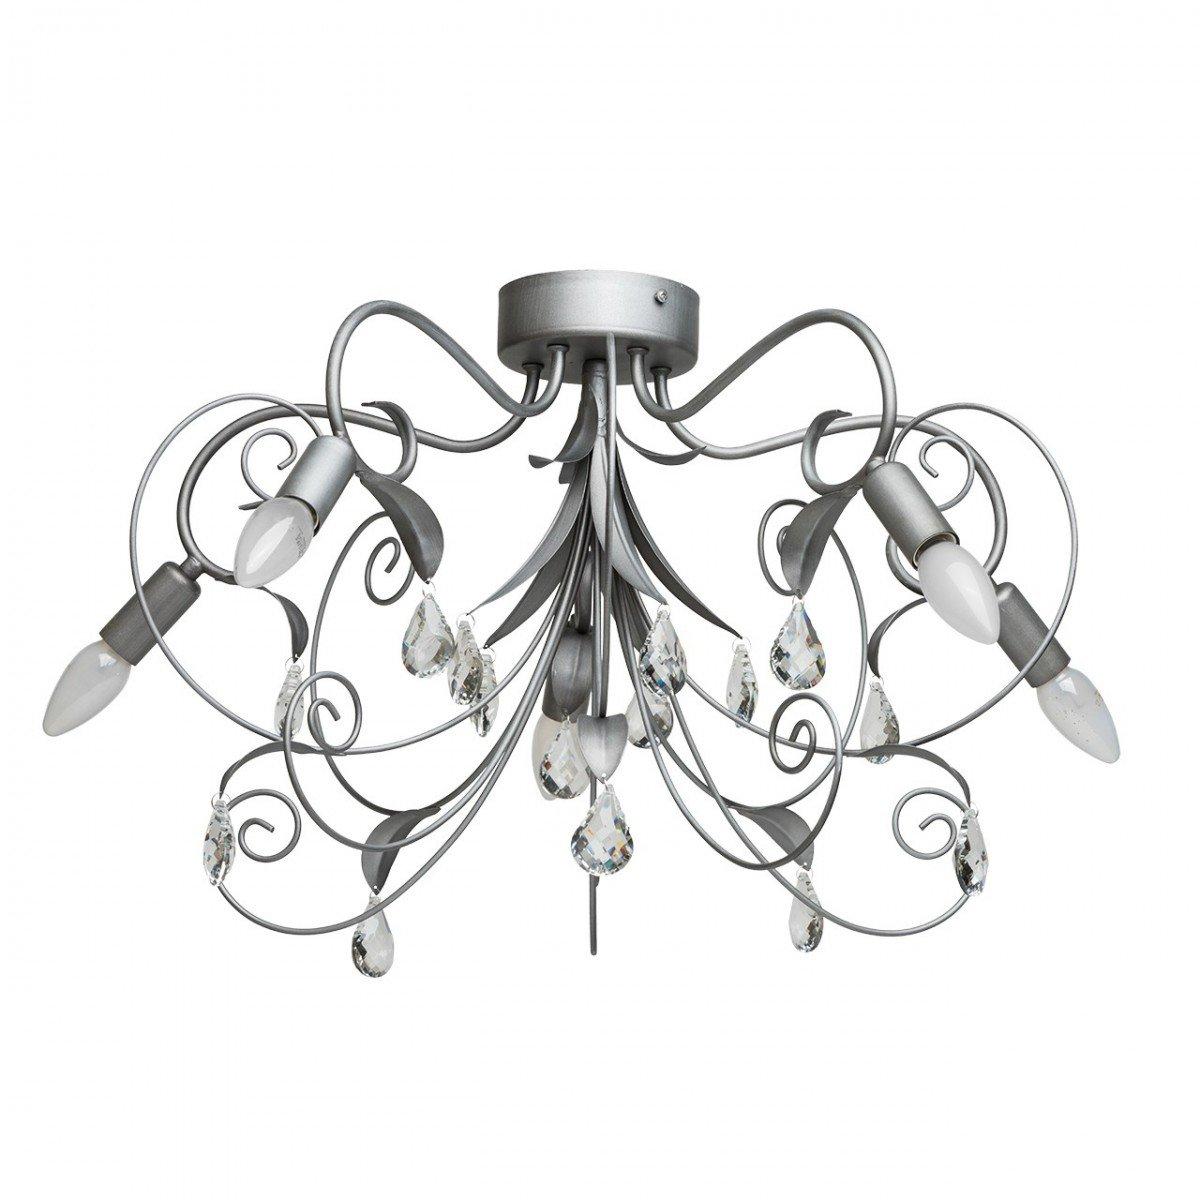 Deckenleuchte Deckenlampe Leuchte Lampe Flora Style, Ø 65 cm, Silber Antik mit Kristallen, 5 x E14 max. 40 W